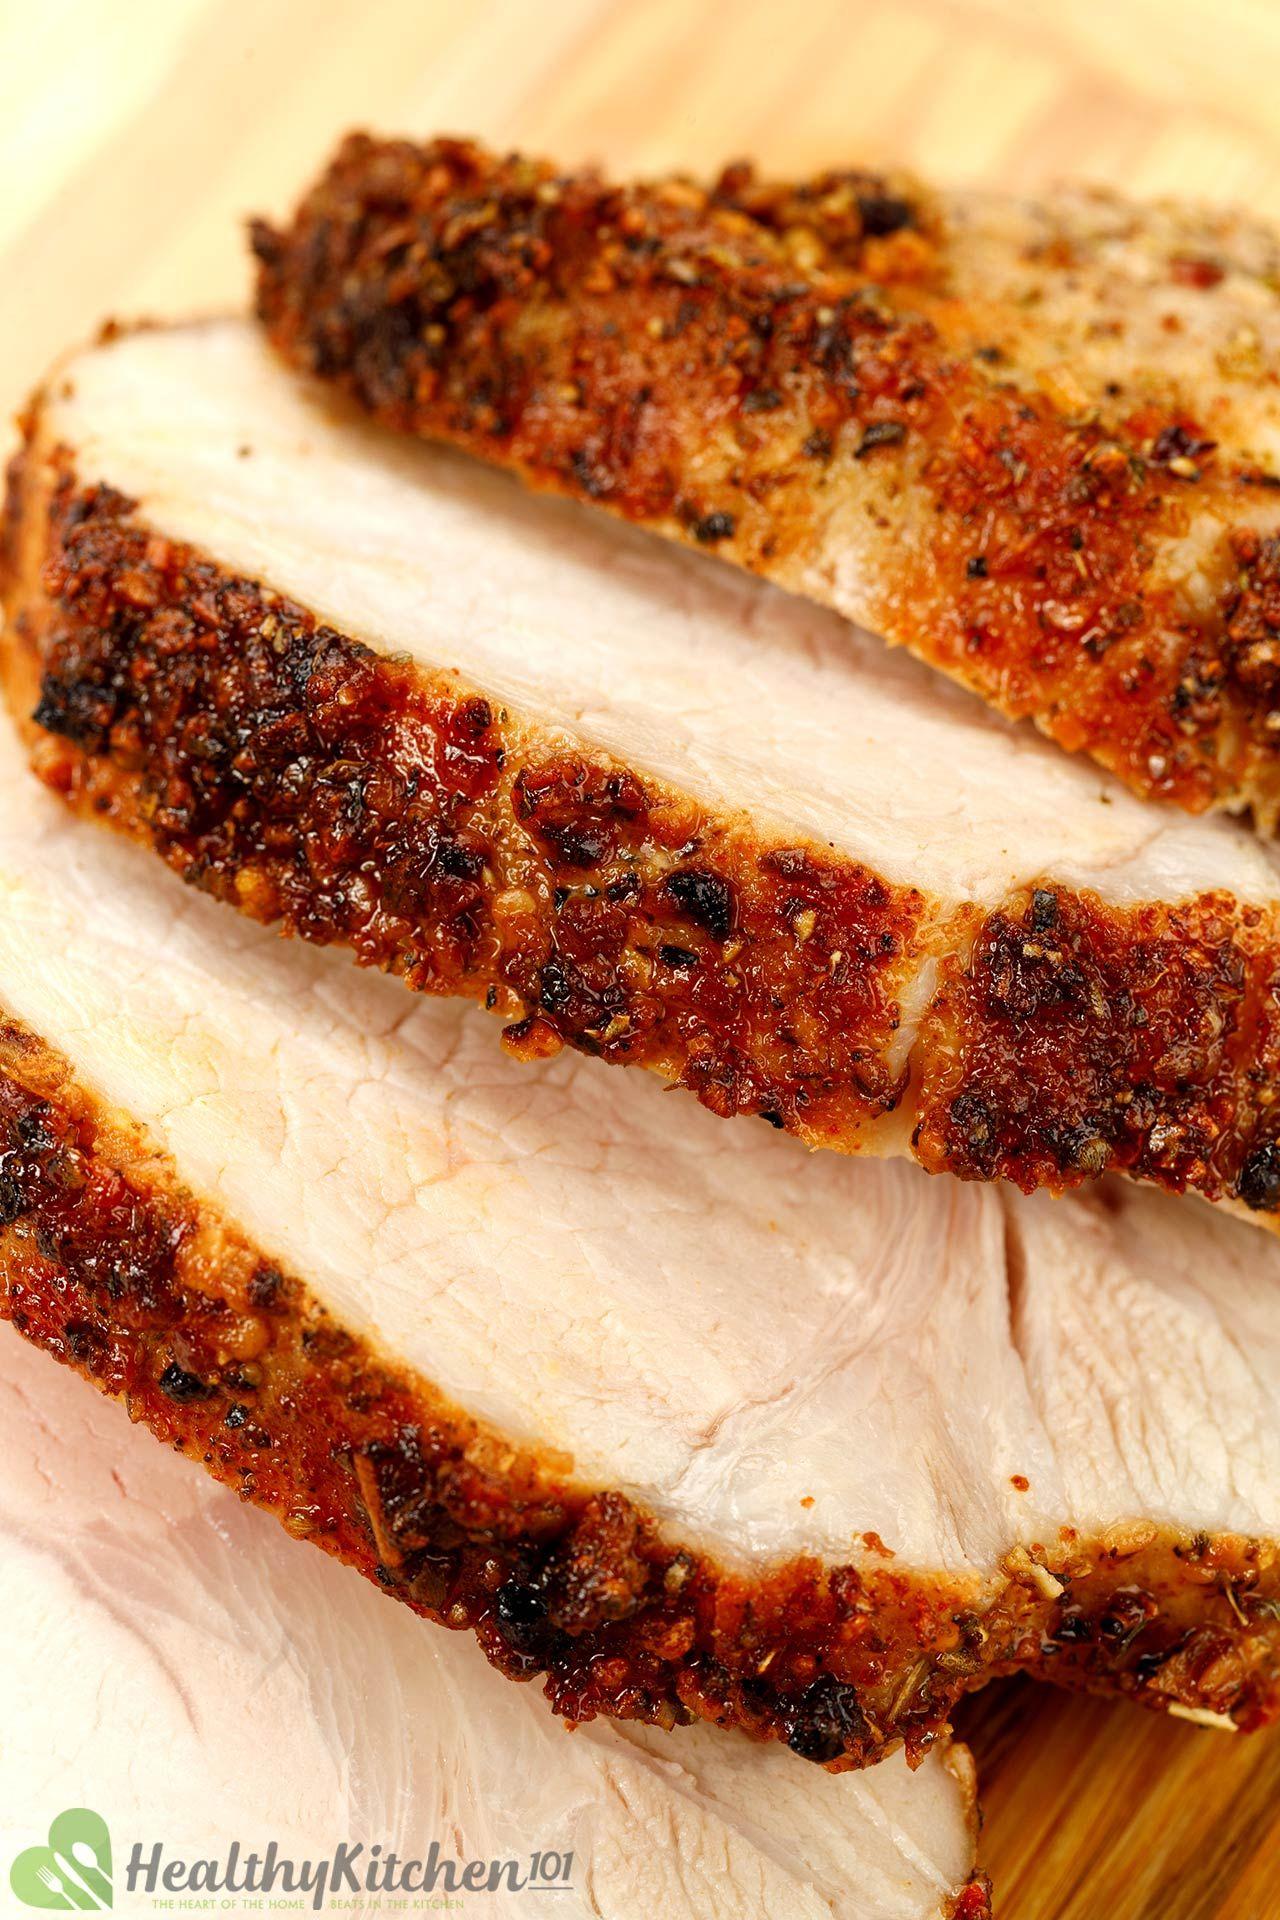 Air Fryer Pork Loin Healthy Recipes 101